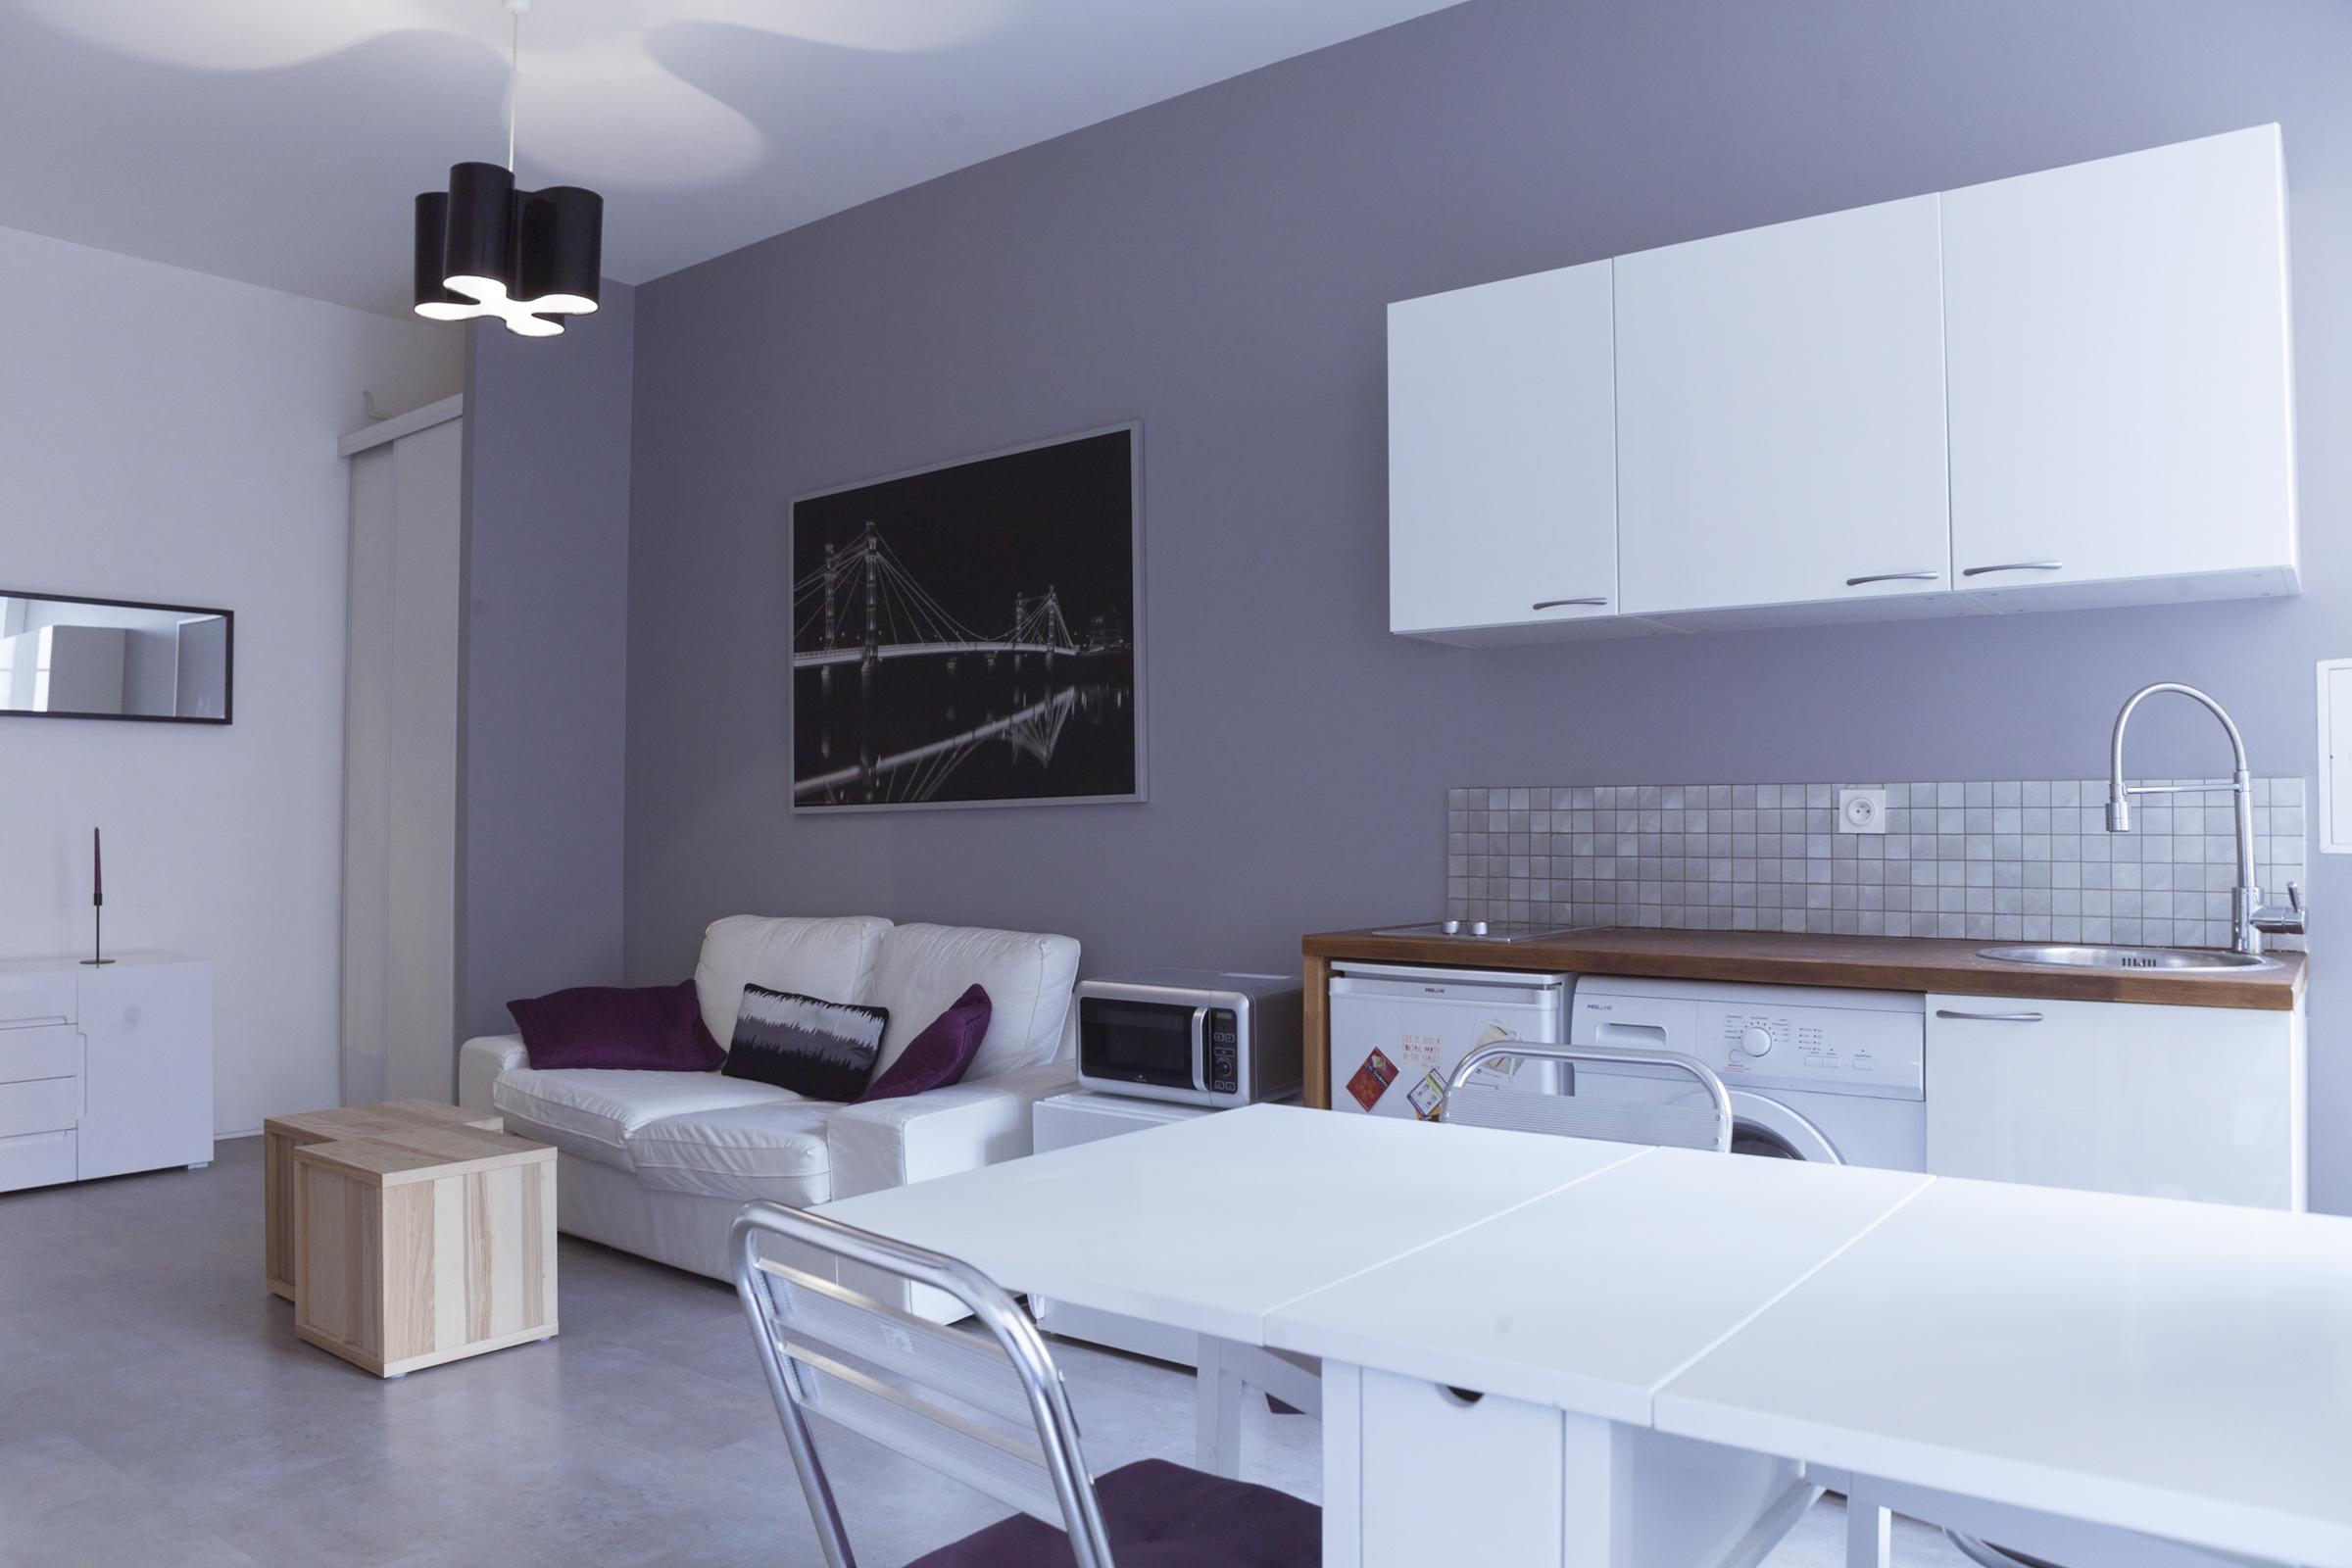 photographe immobilier 4 entrebien. Black Bedroom Furniture Sets. Home Design Ideas